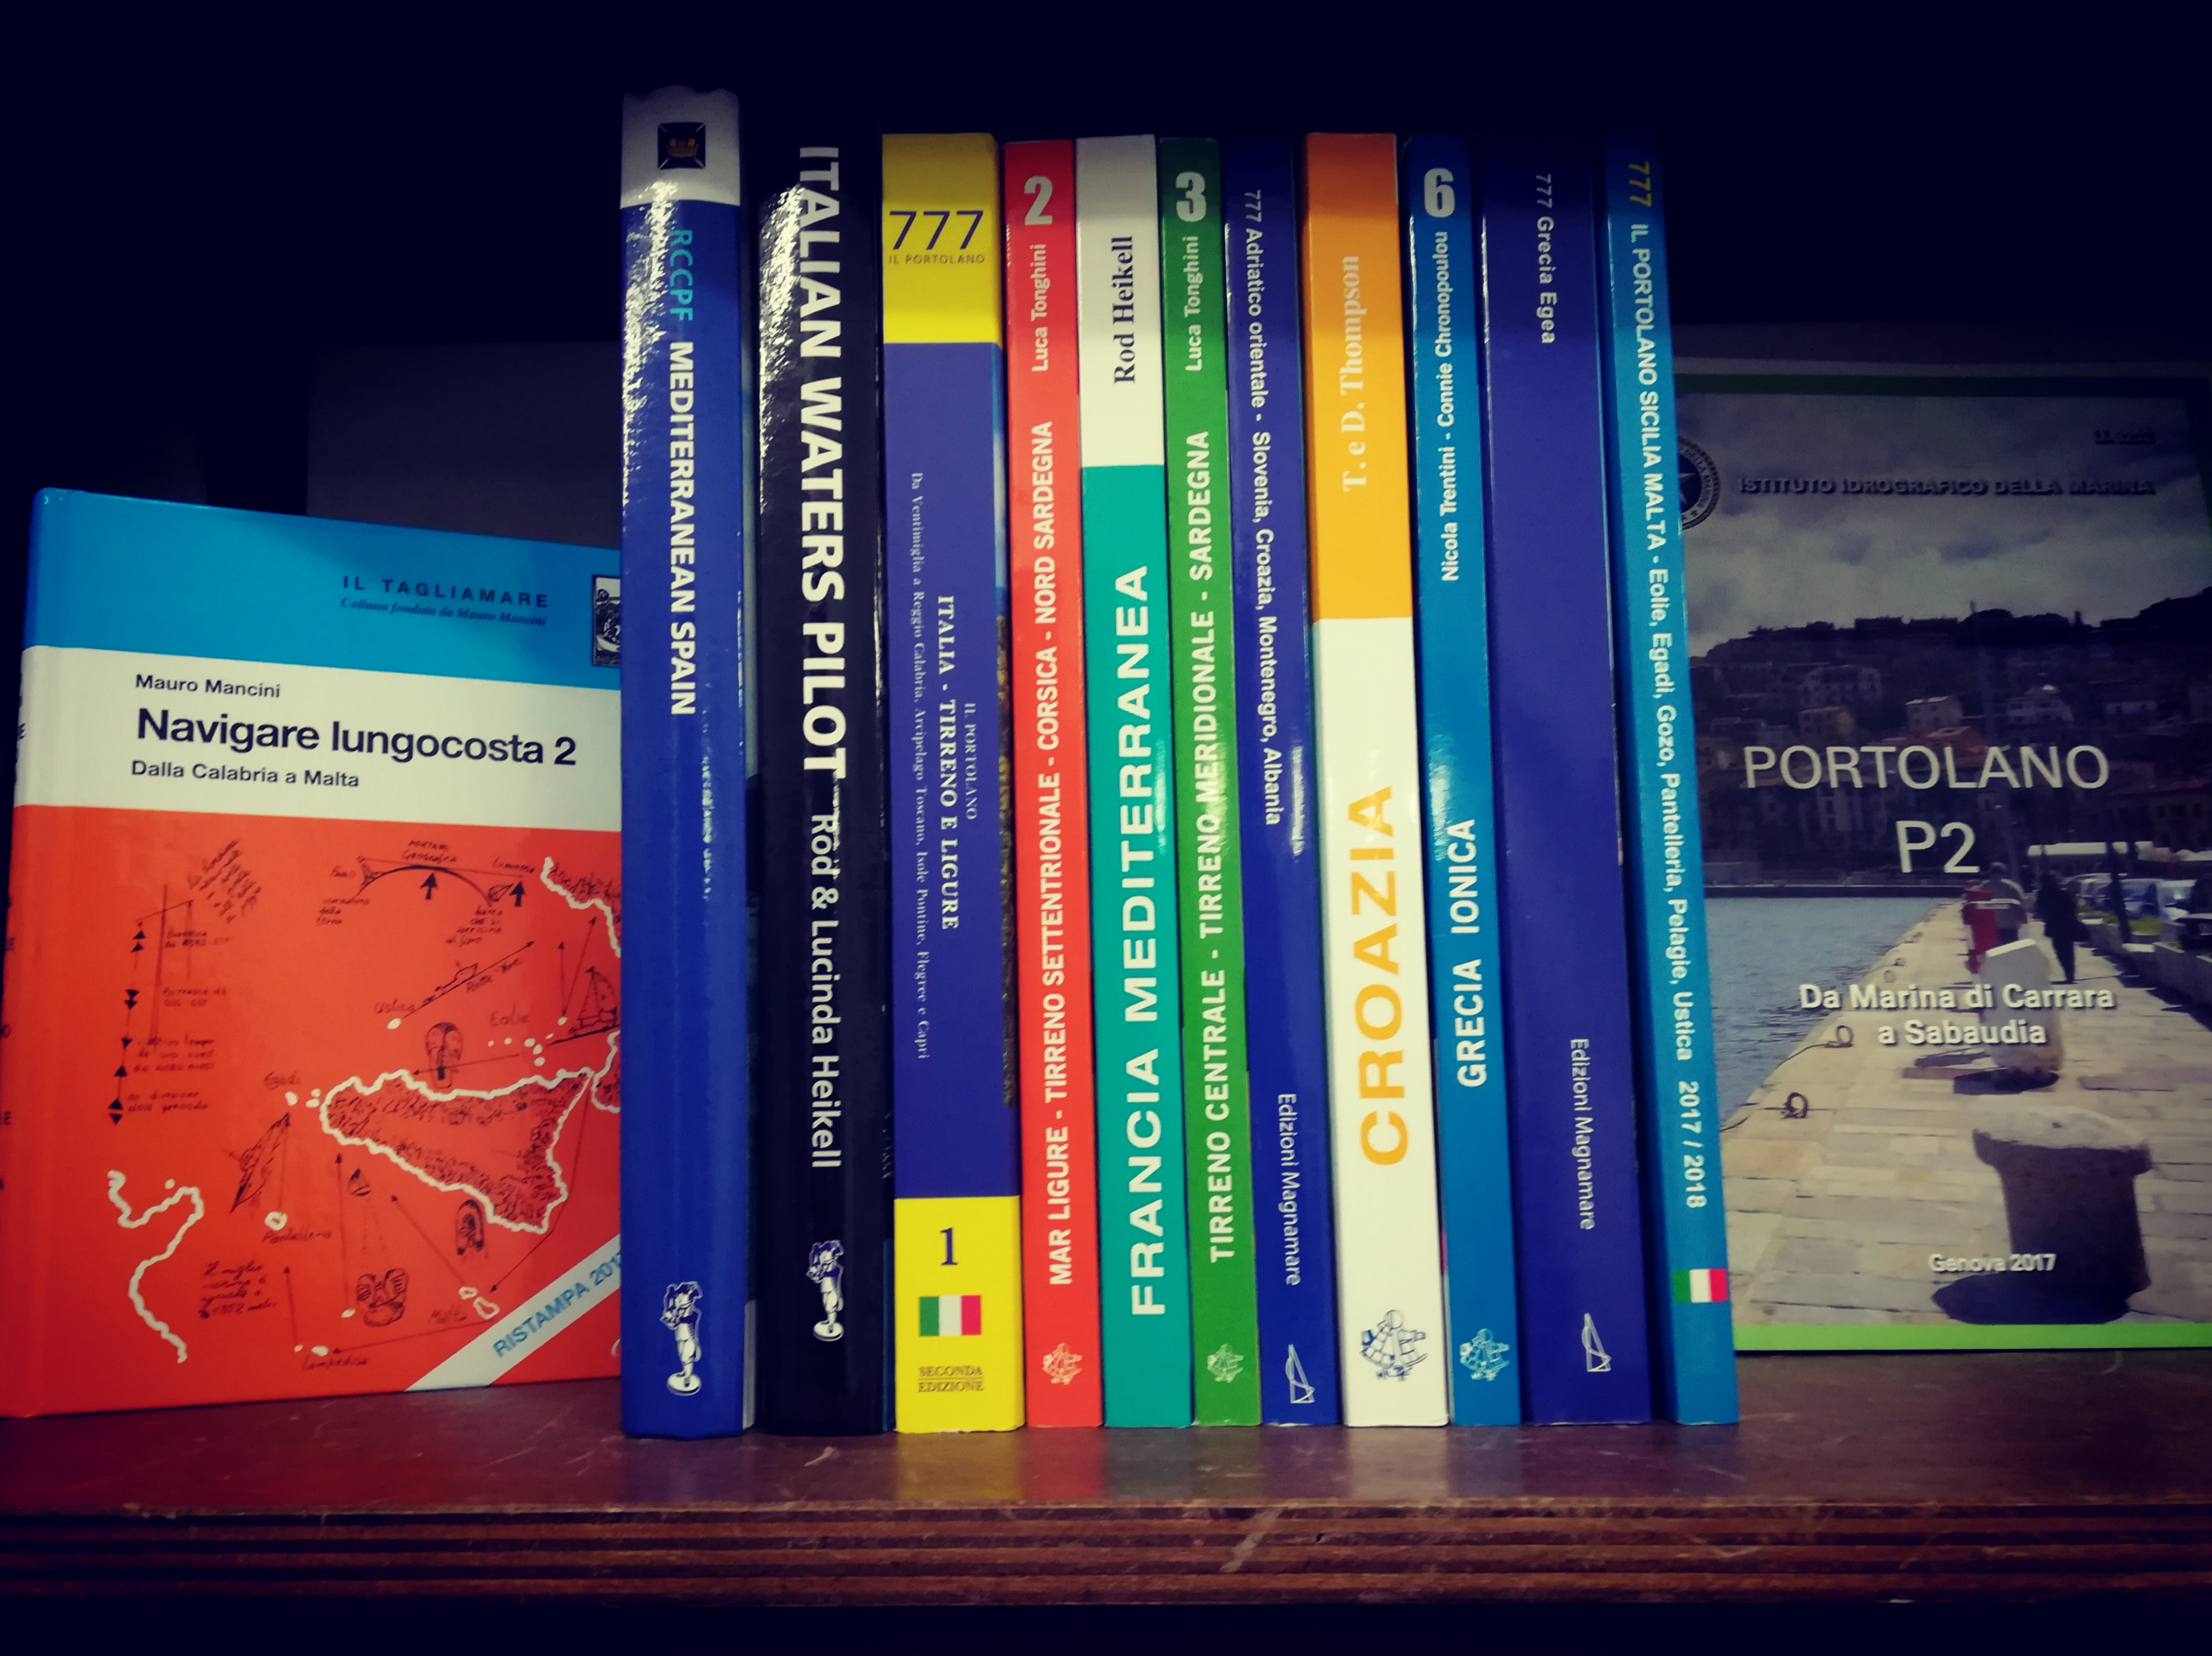 Portolani e guide nautiche